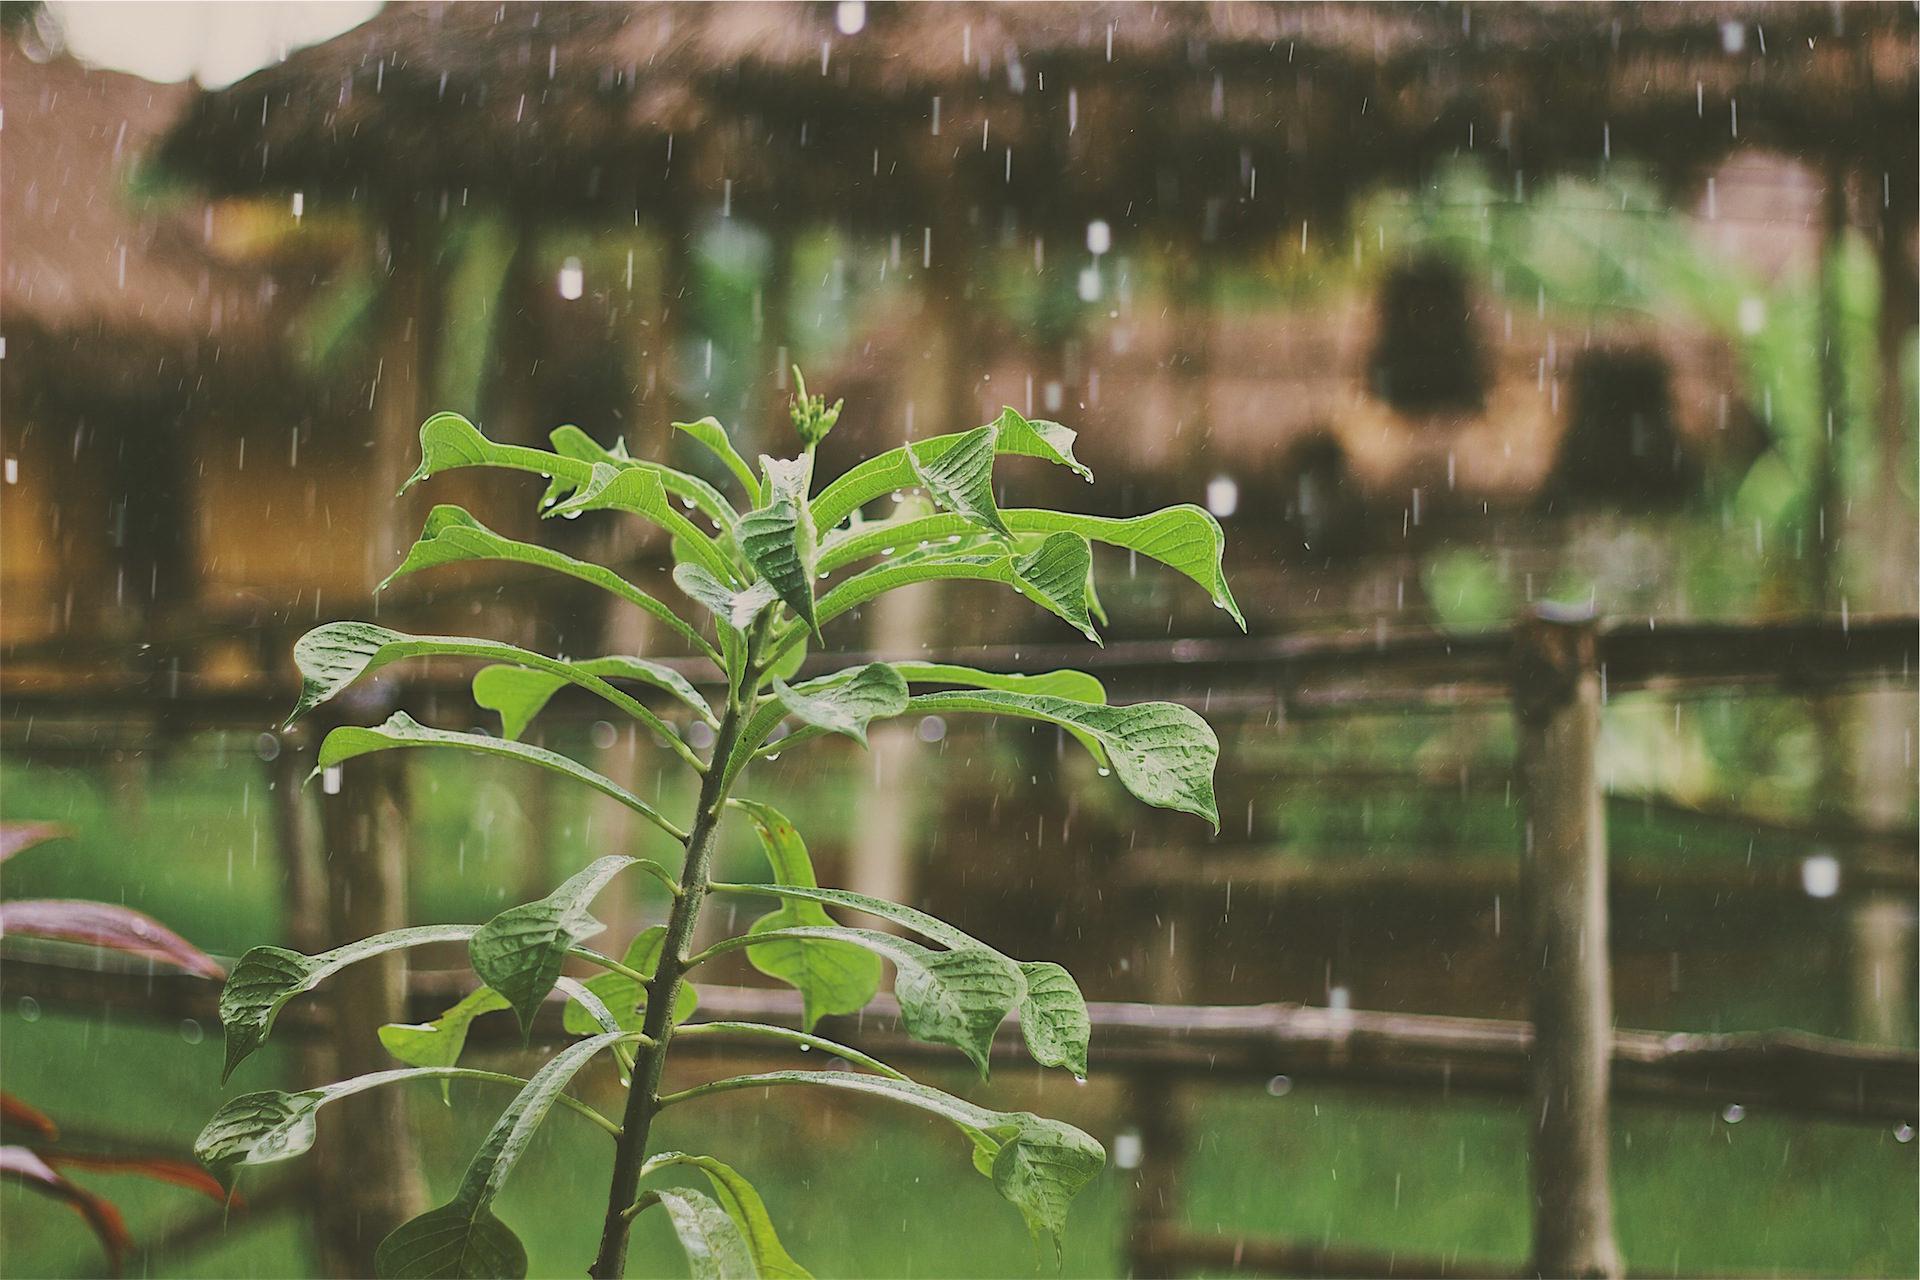 planta, lluvia, tallo, agua, supervivencia - Fondos de Pantalla HD - professor-falken.com